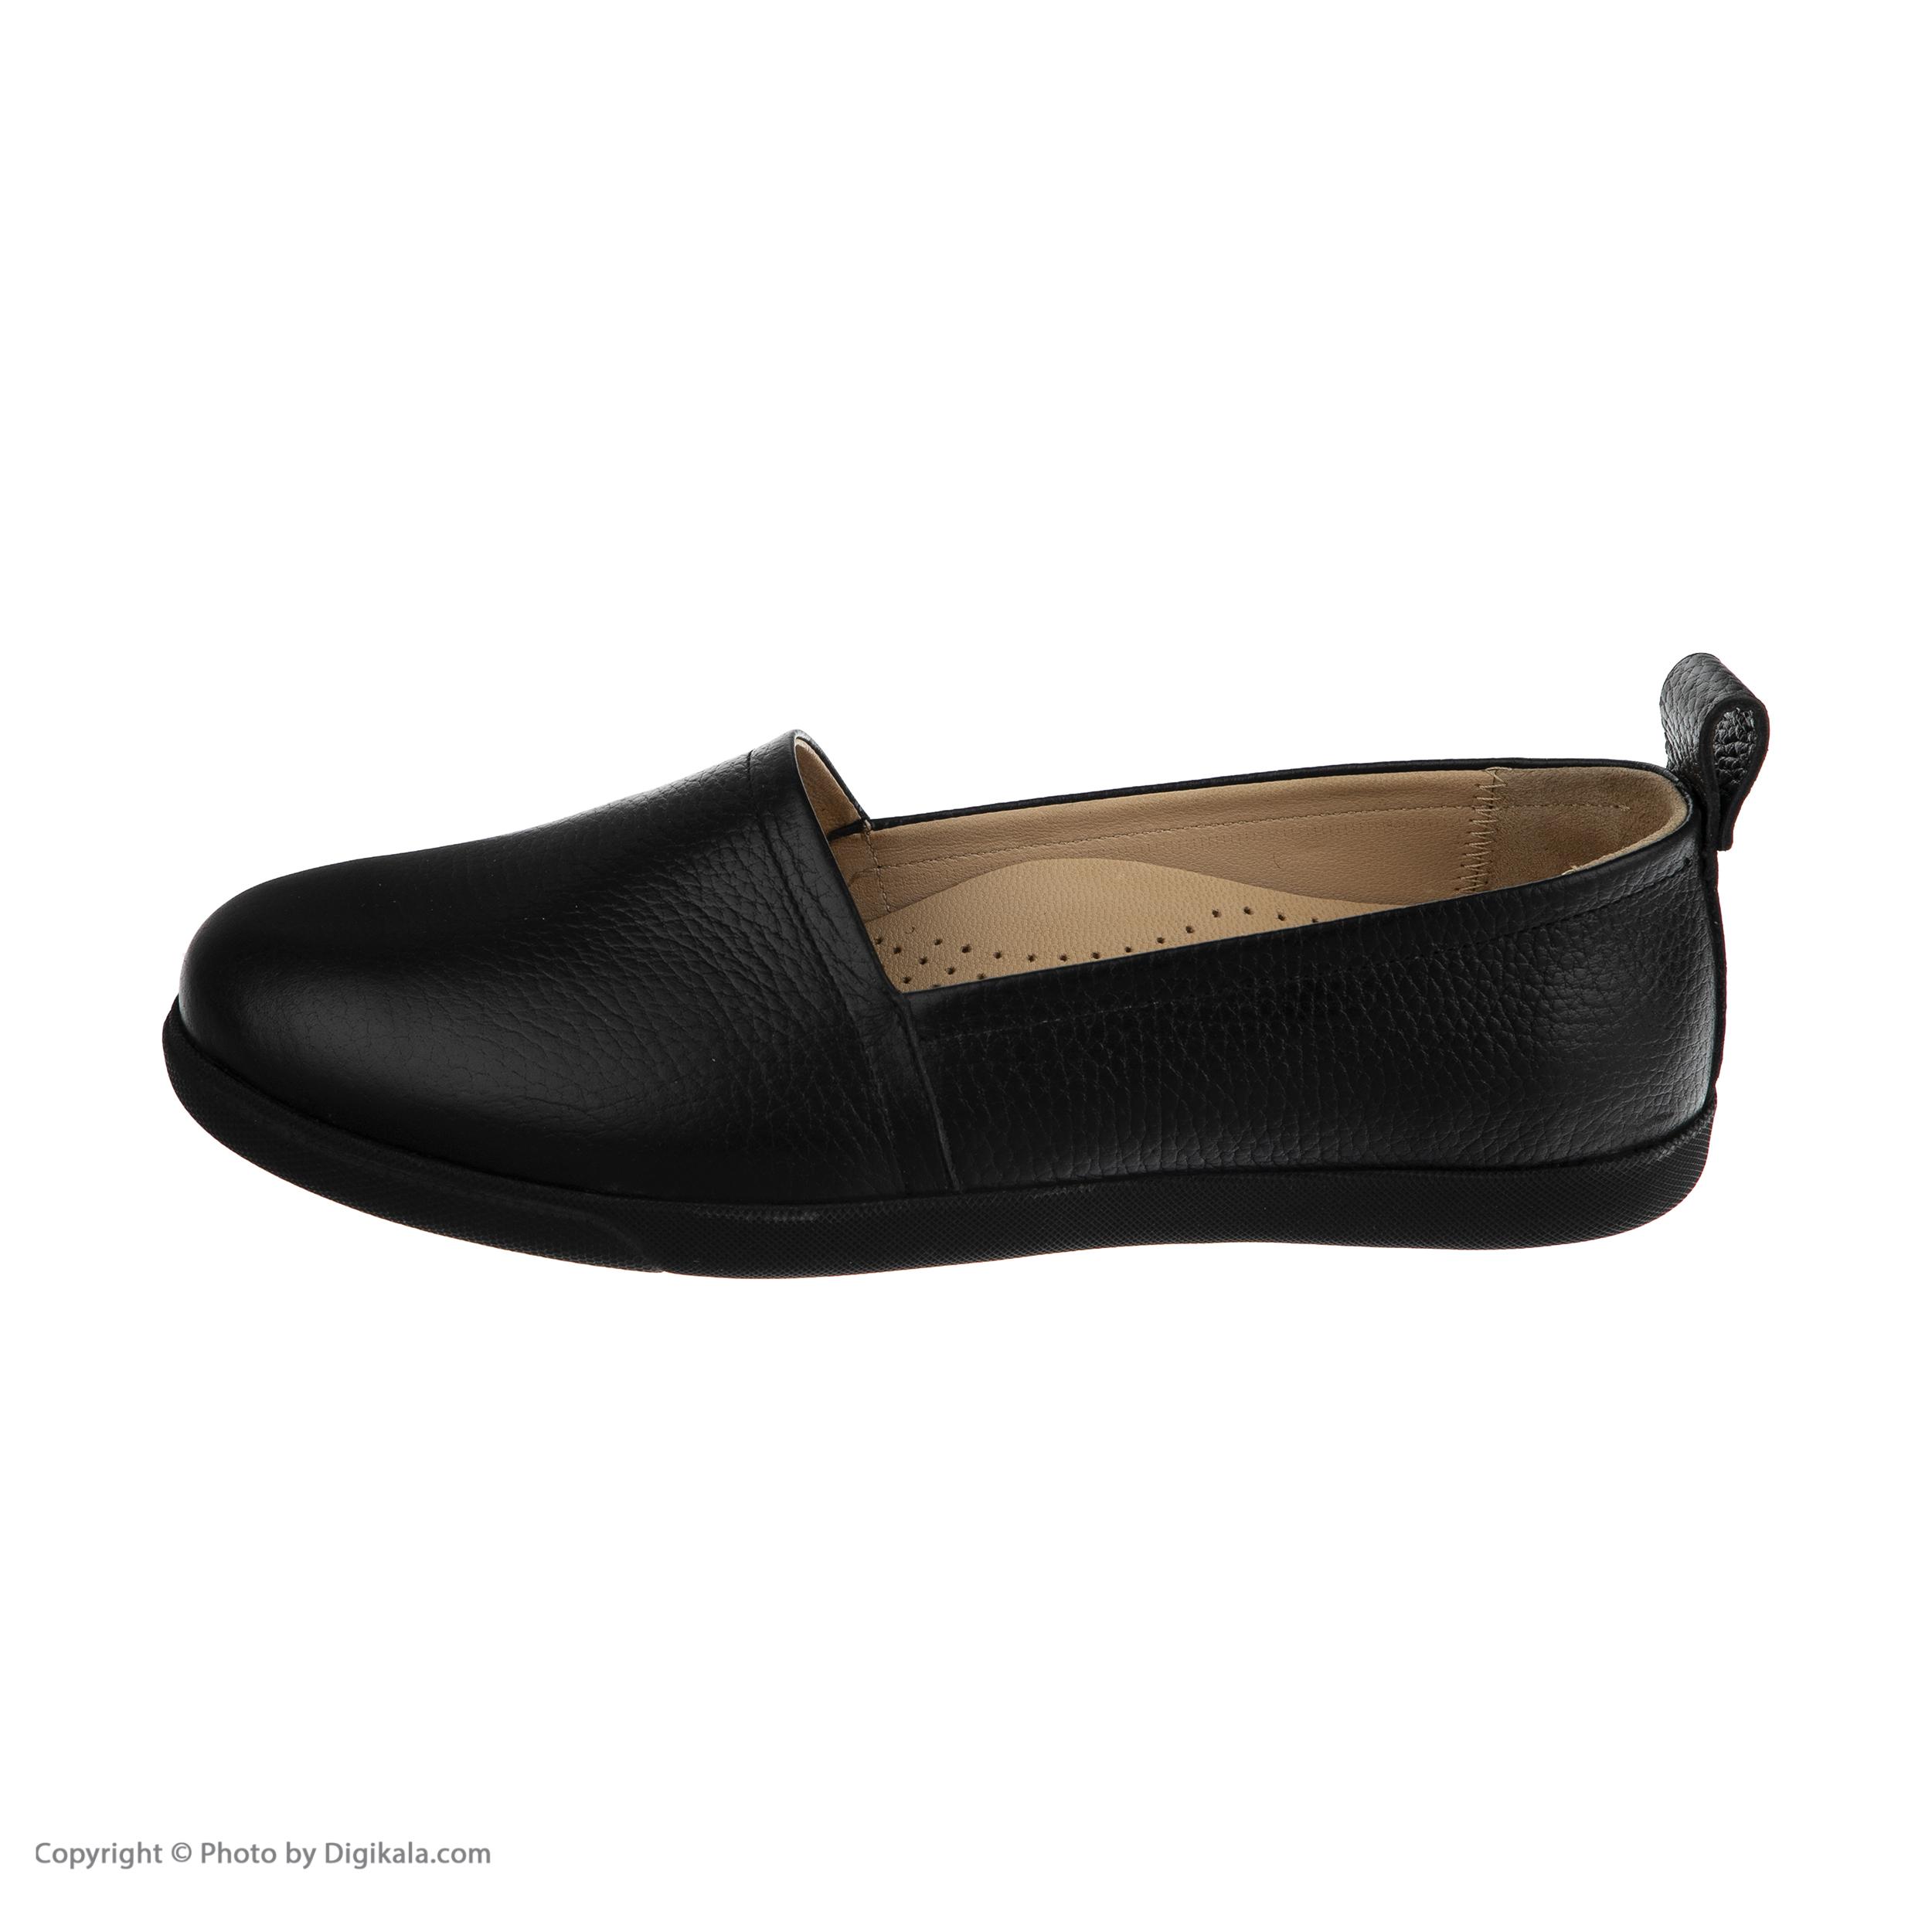 تصویر کفش روزمره زنانه برتونیکس مدل 150-B-027